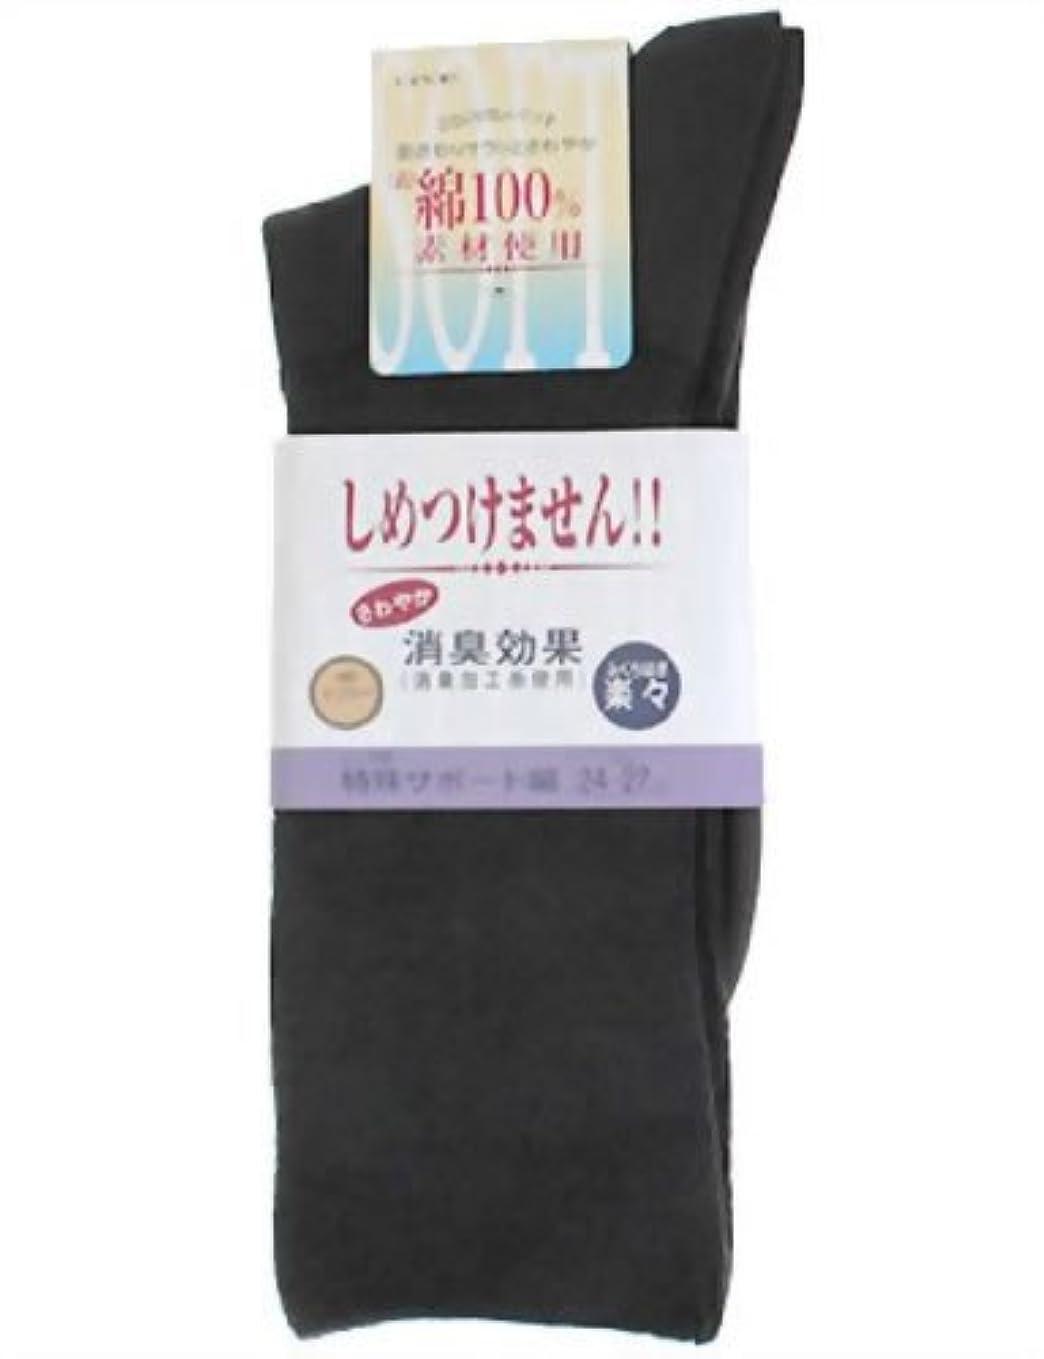 コベス 紳士用 ふくらはぎ楽らくソックス(綿混) ダークグレー 24-27cm